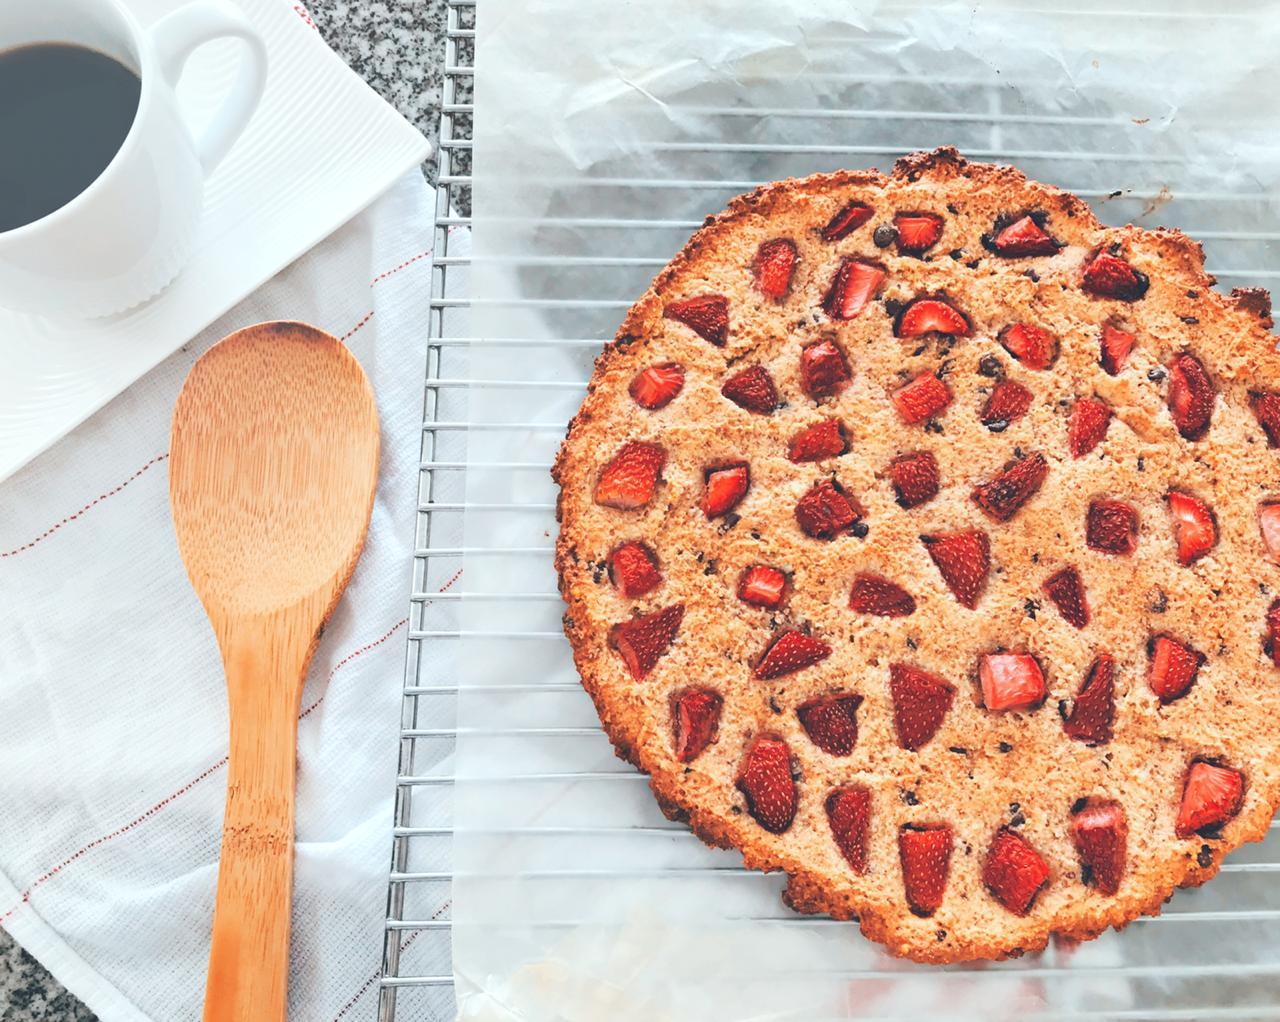 Pizza de Galleta con Fresas y Chocolate Saludable